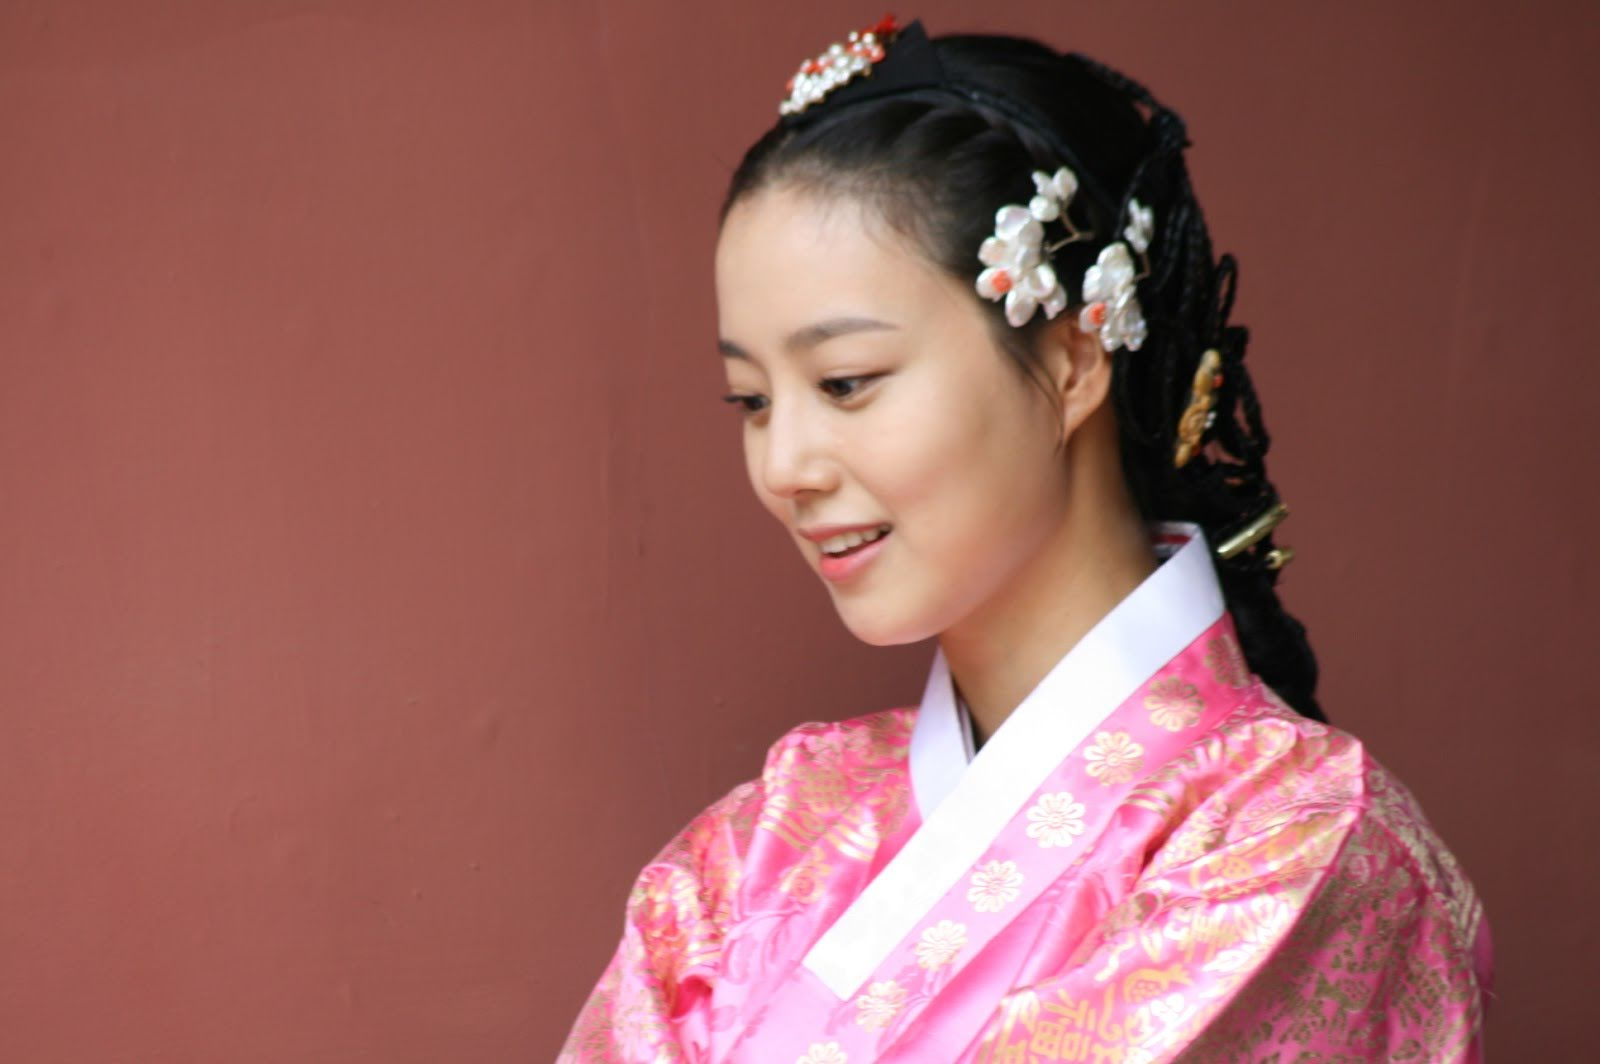 Moon_Chae-won_at_The_Princess'_Man_poster_shooting_149